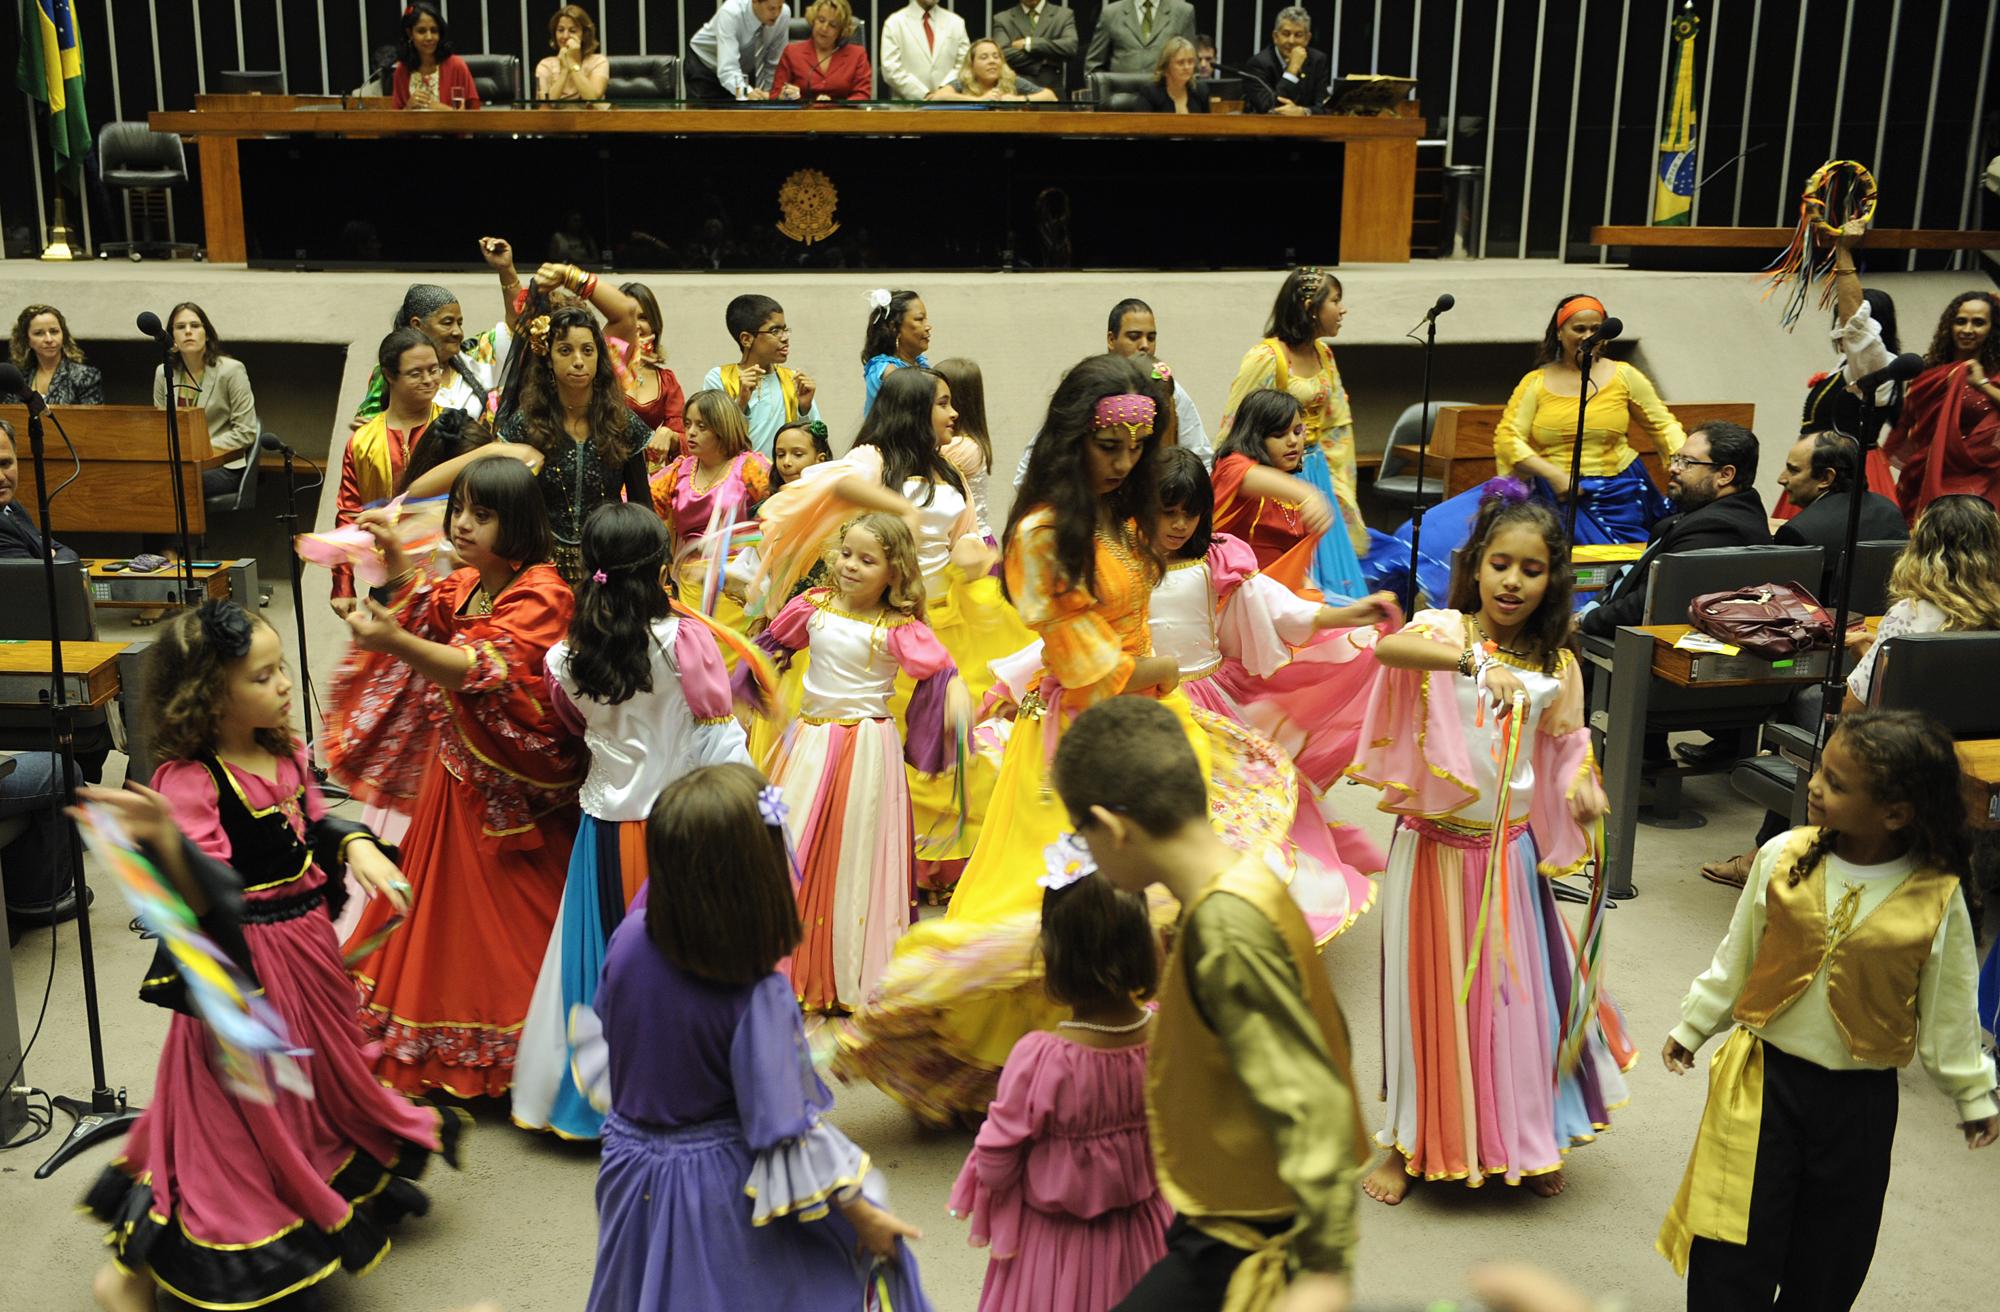 Apresentação de dança cigana